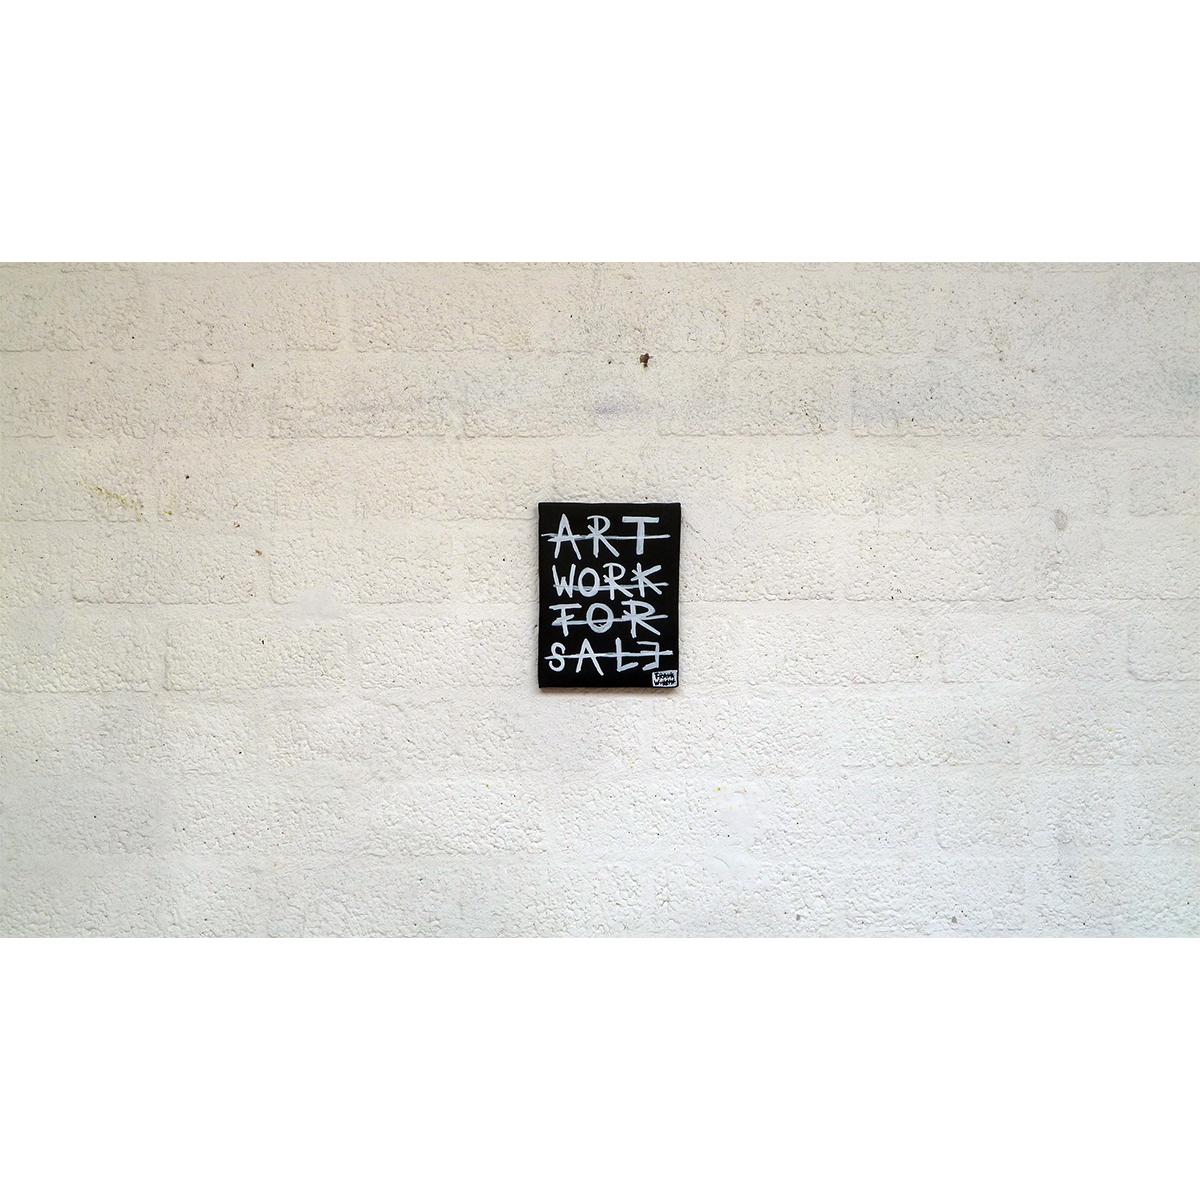 ARTWORK FOR SALE 02 - Frank Willems